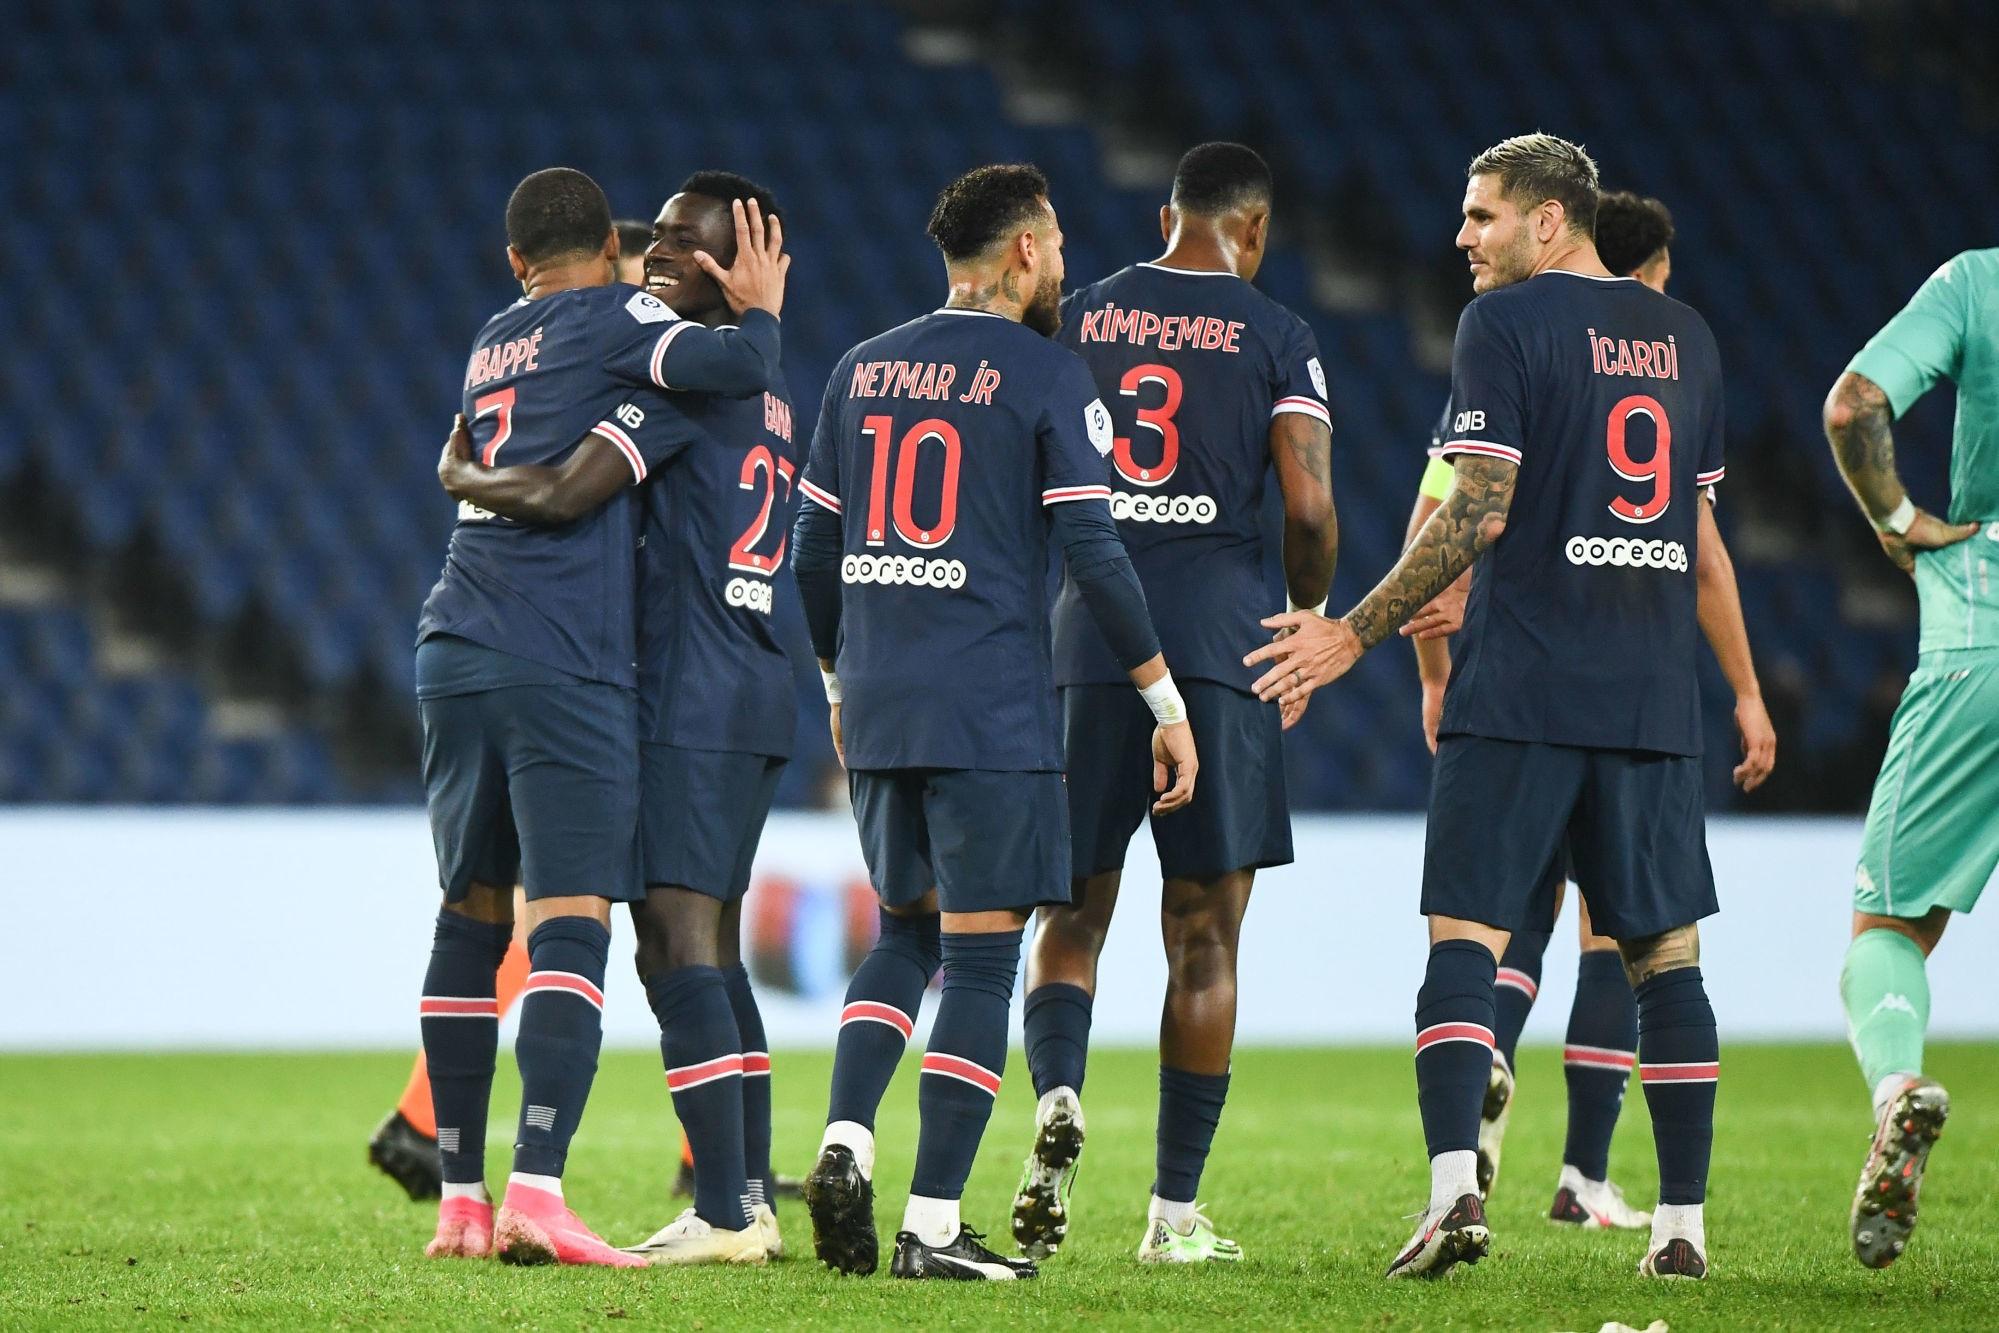 Résumé PSG/Angers (6-1) - La vidéo des buts et temps forts du match